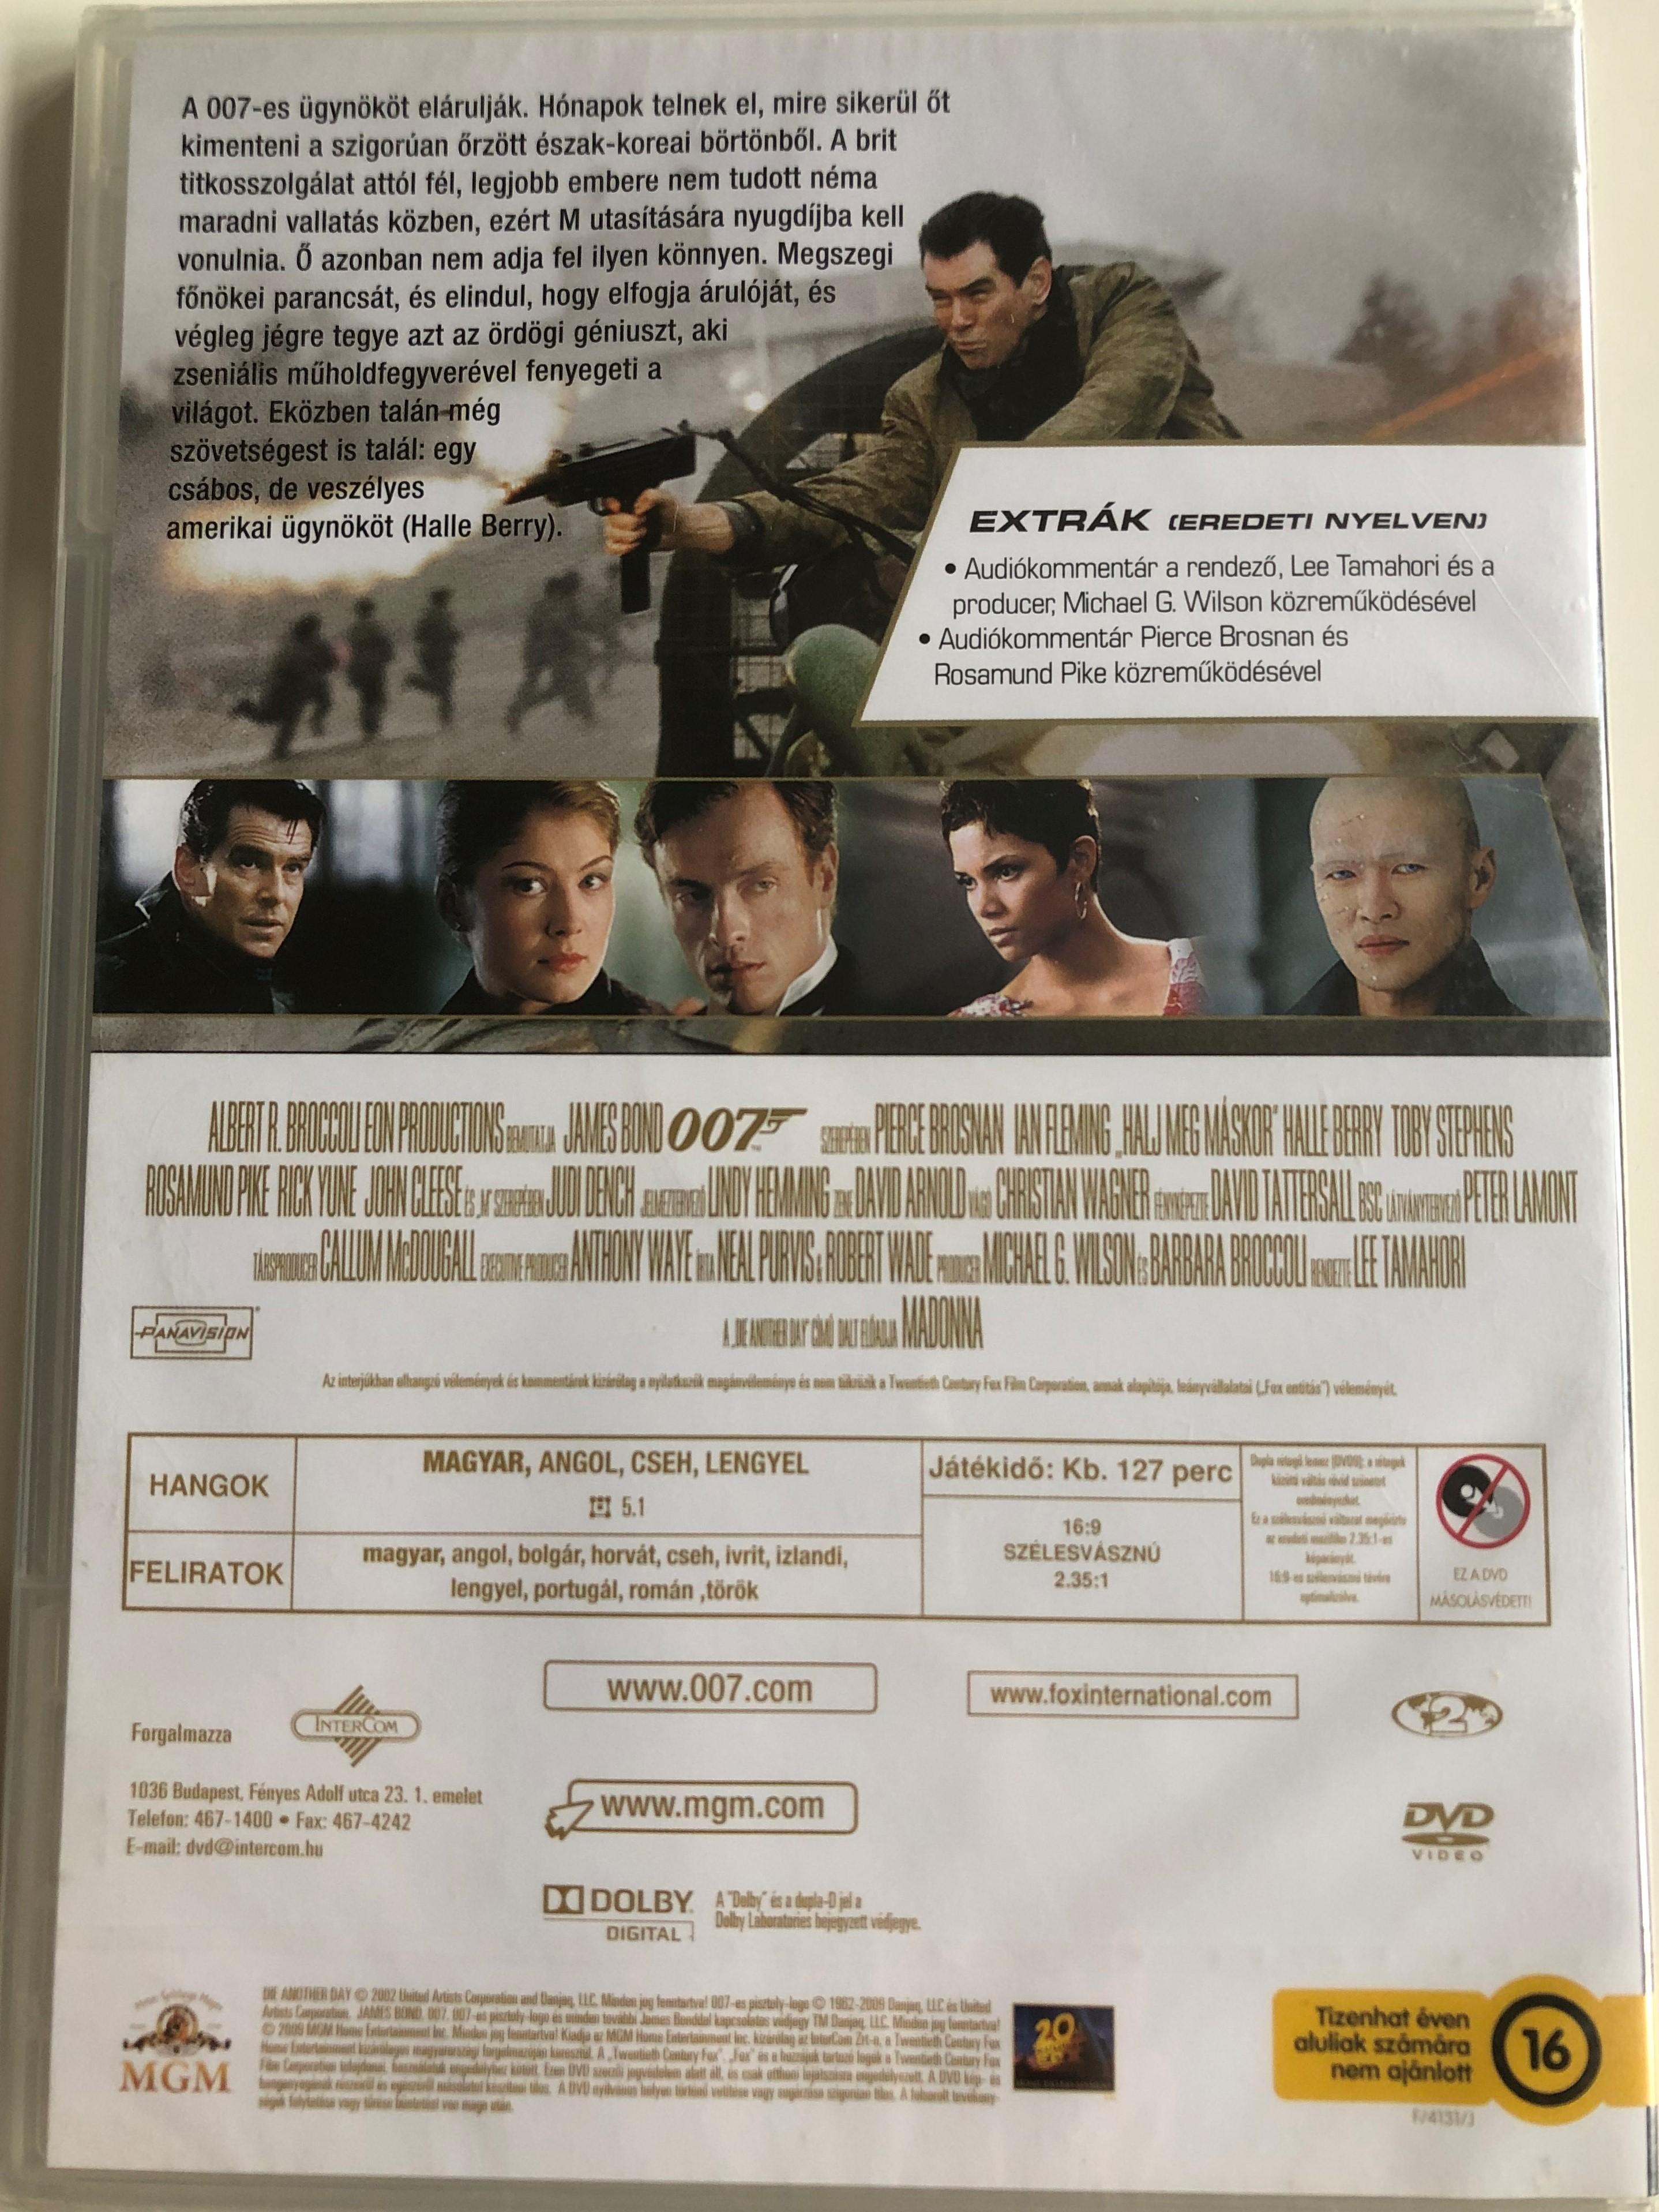 die-another-day-dvd-2002-halj-meg-m-skor-2.jpg